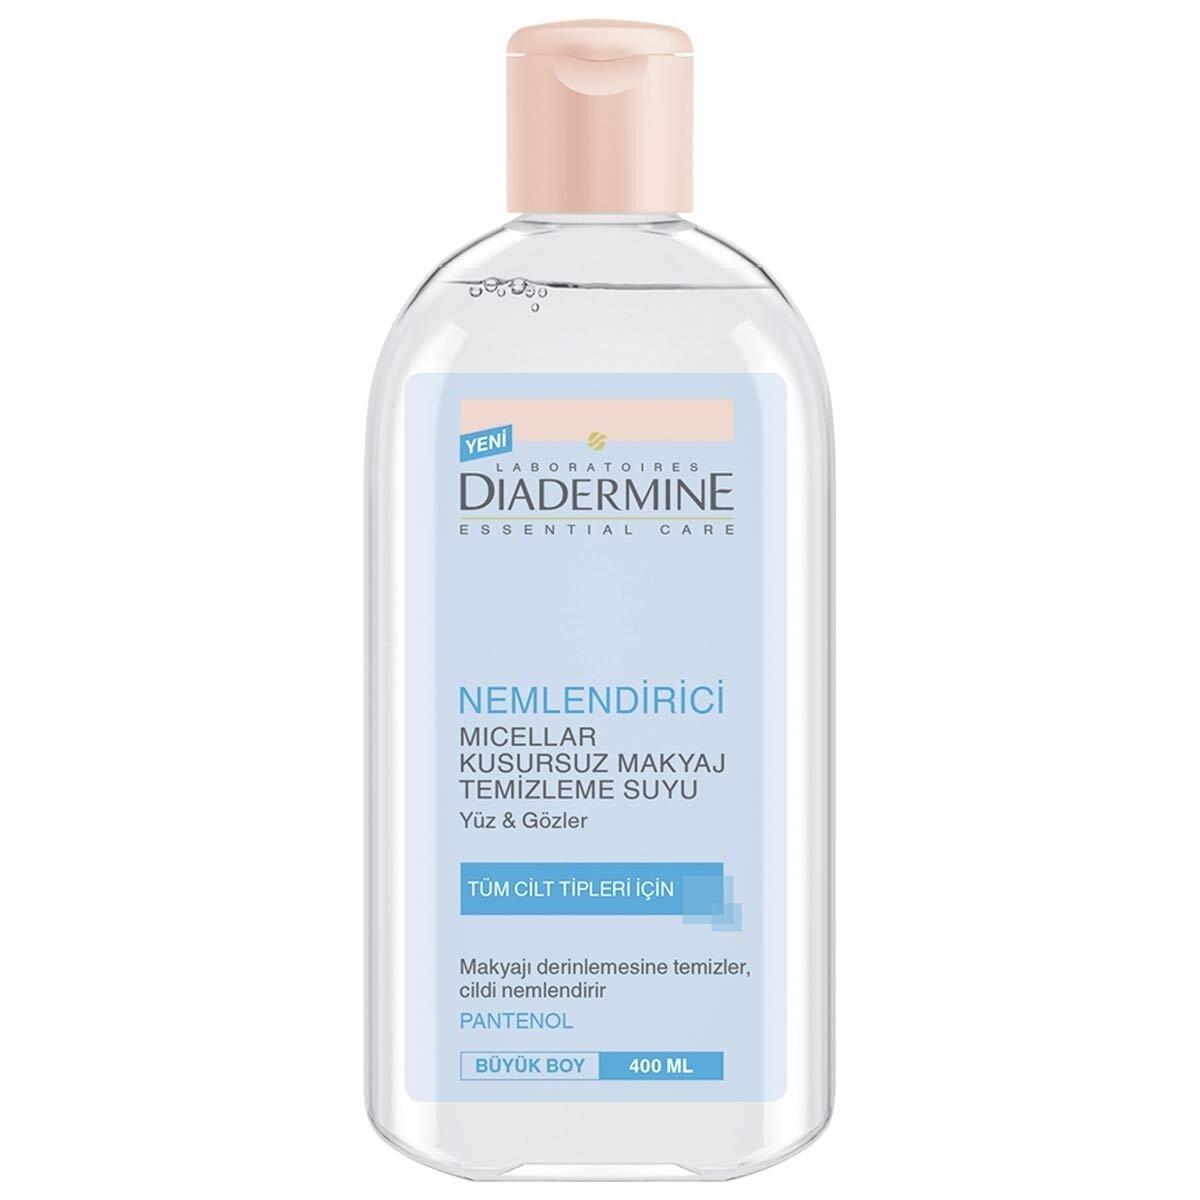 Essentials Nemlendirici Micellar Kusursuz Makyaj Temizleme Suyu Yüz ve Gözler 400 ml